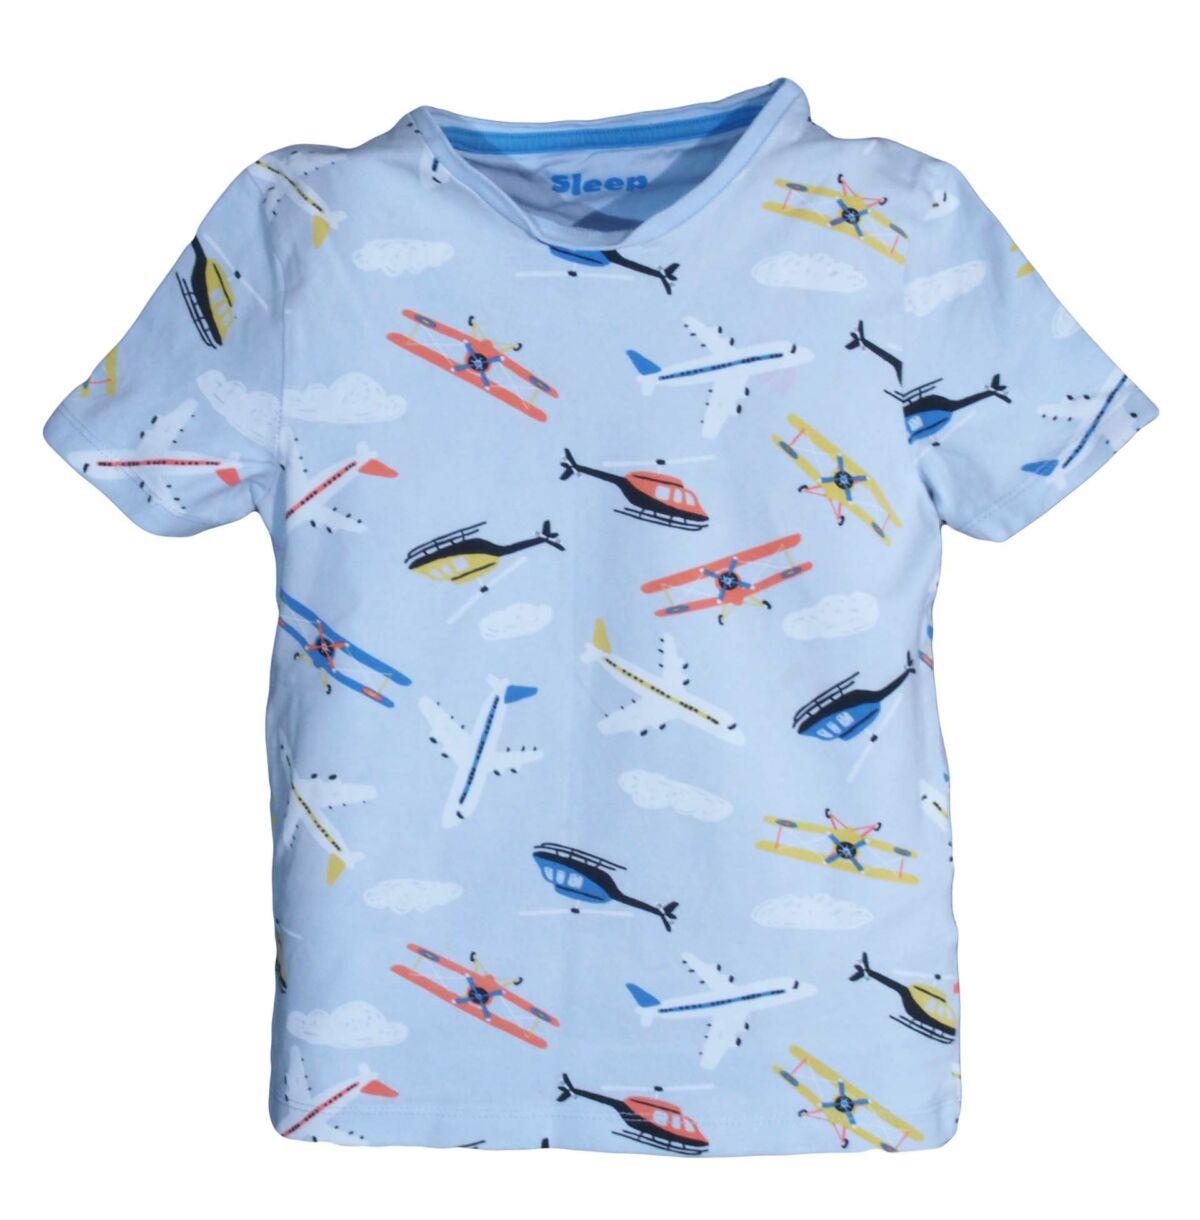 2d6a4922ee Használt ruha / Outlet szűrése: Nem: Fiú